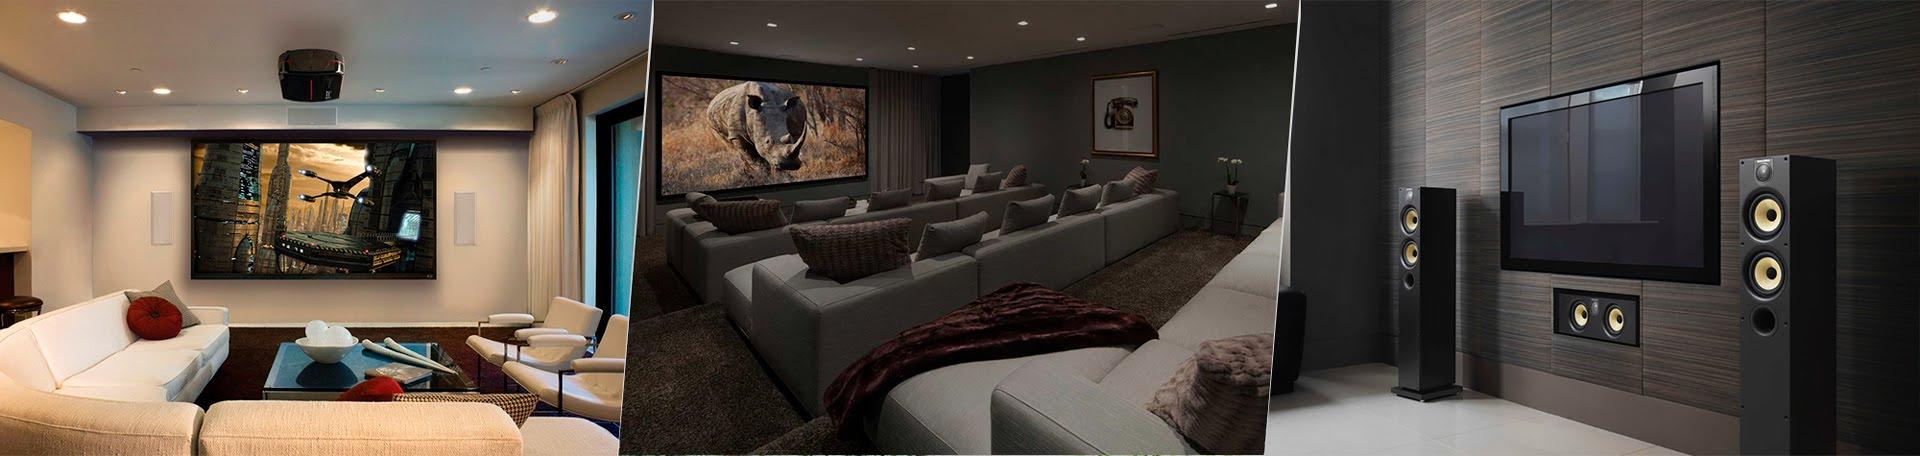 instalação de home theater